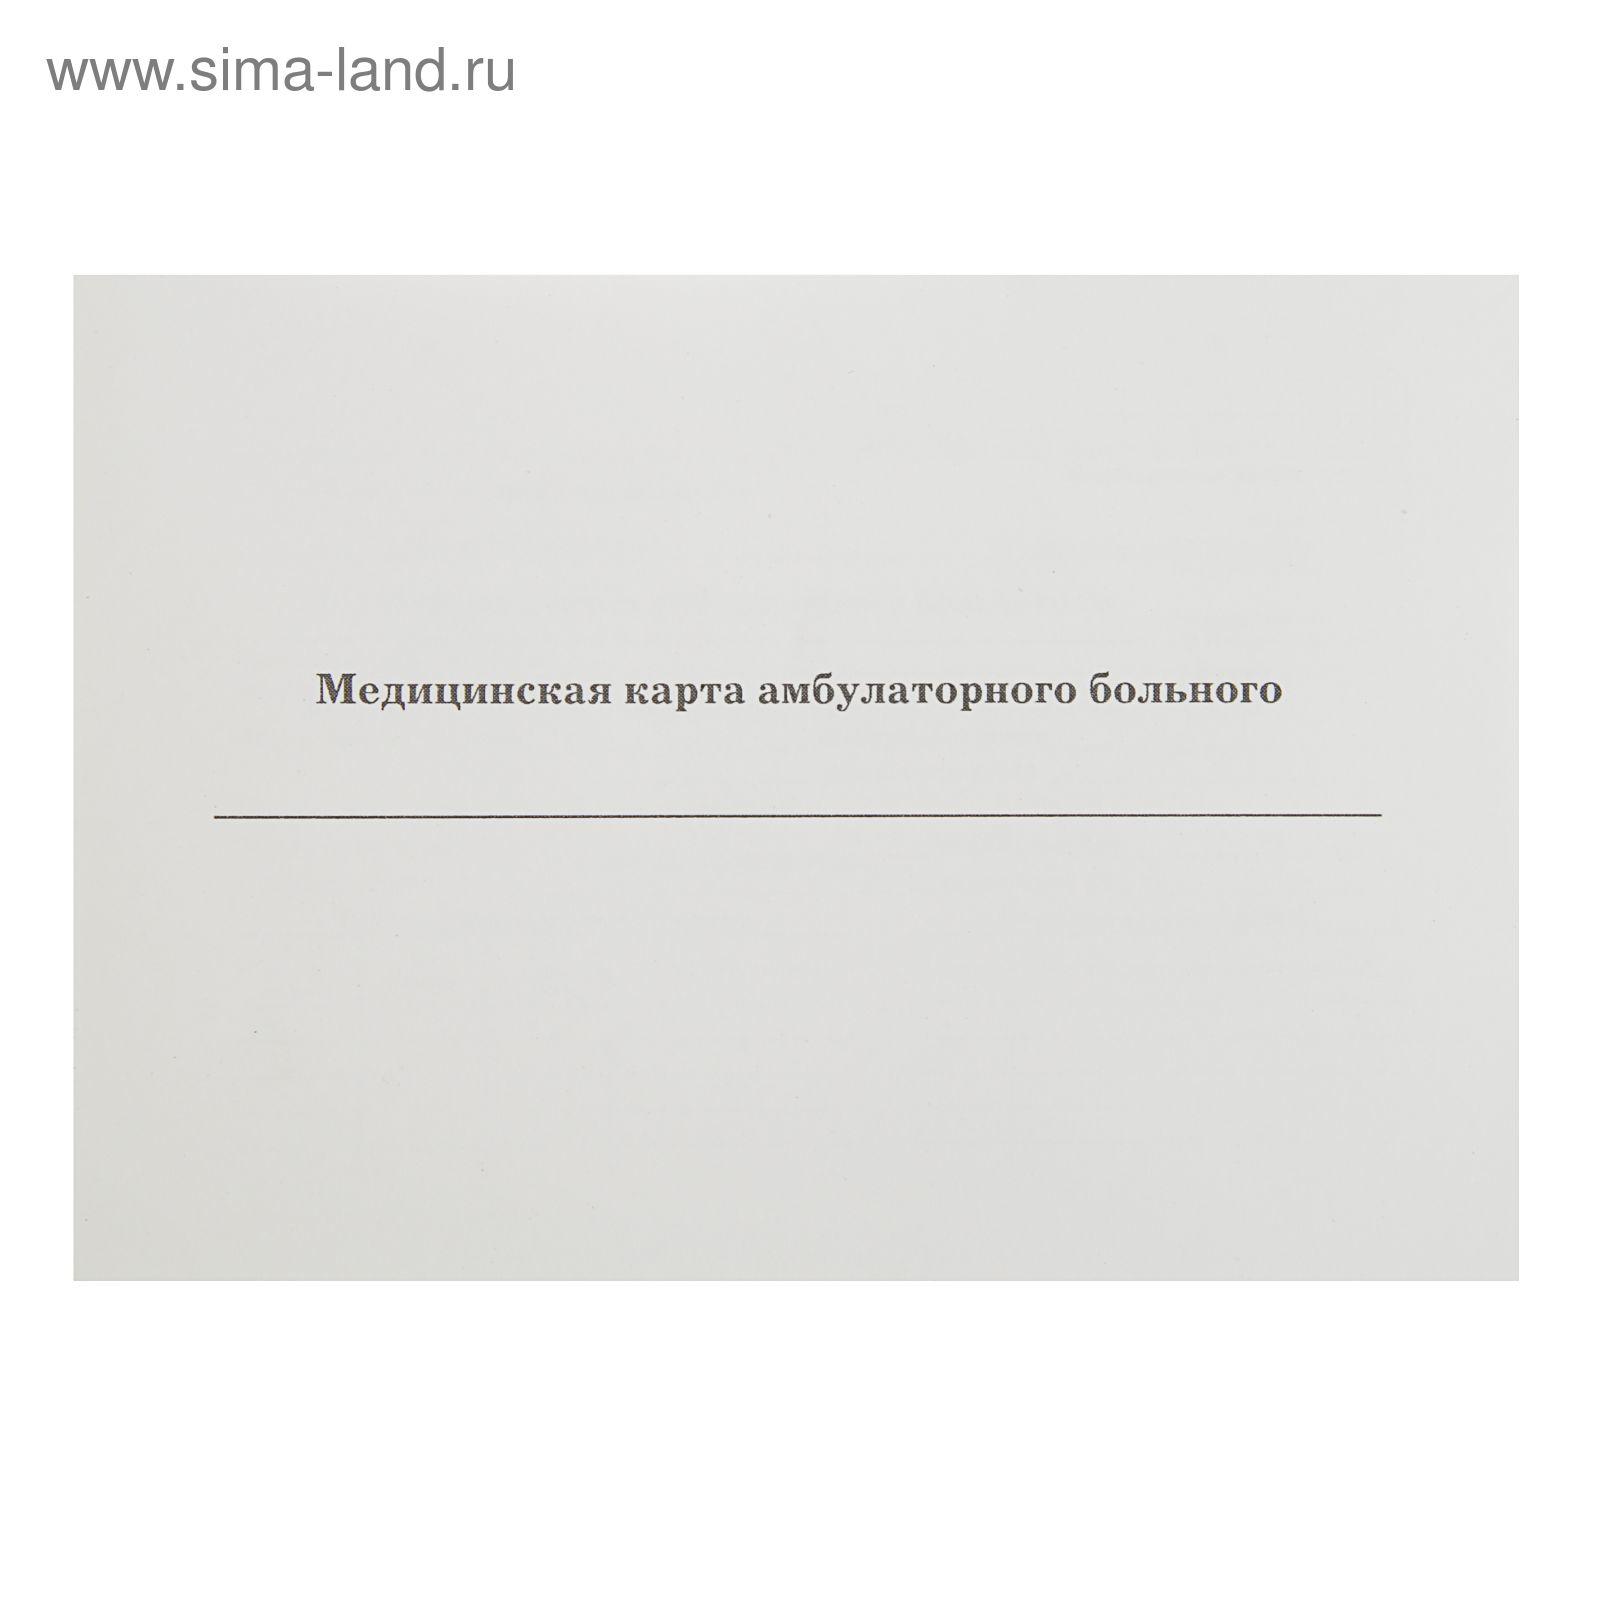 медицинская карточка